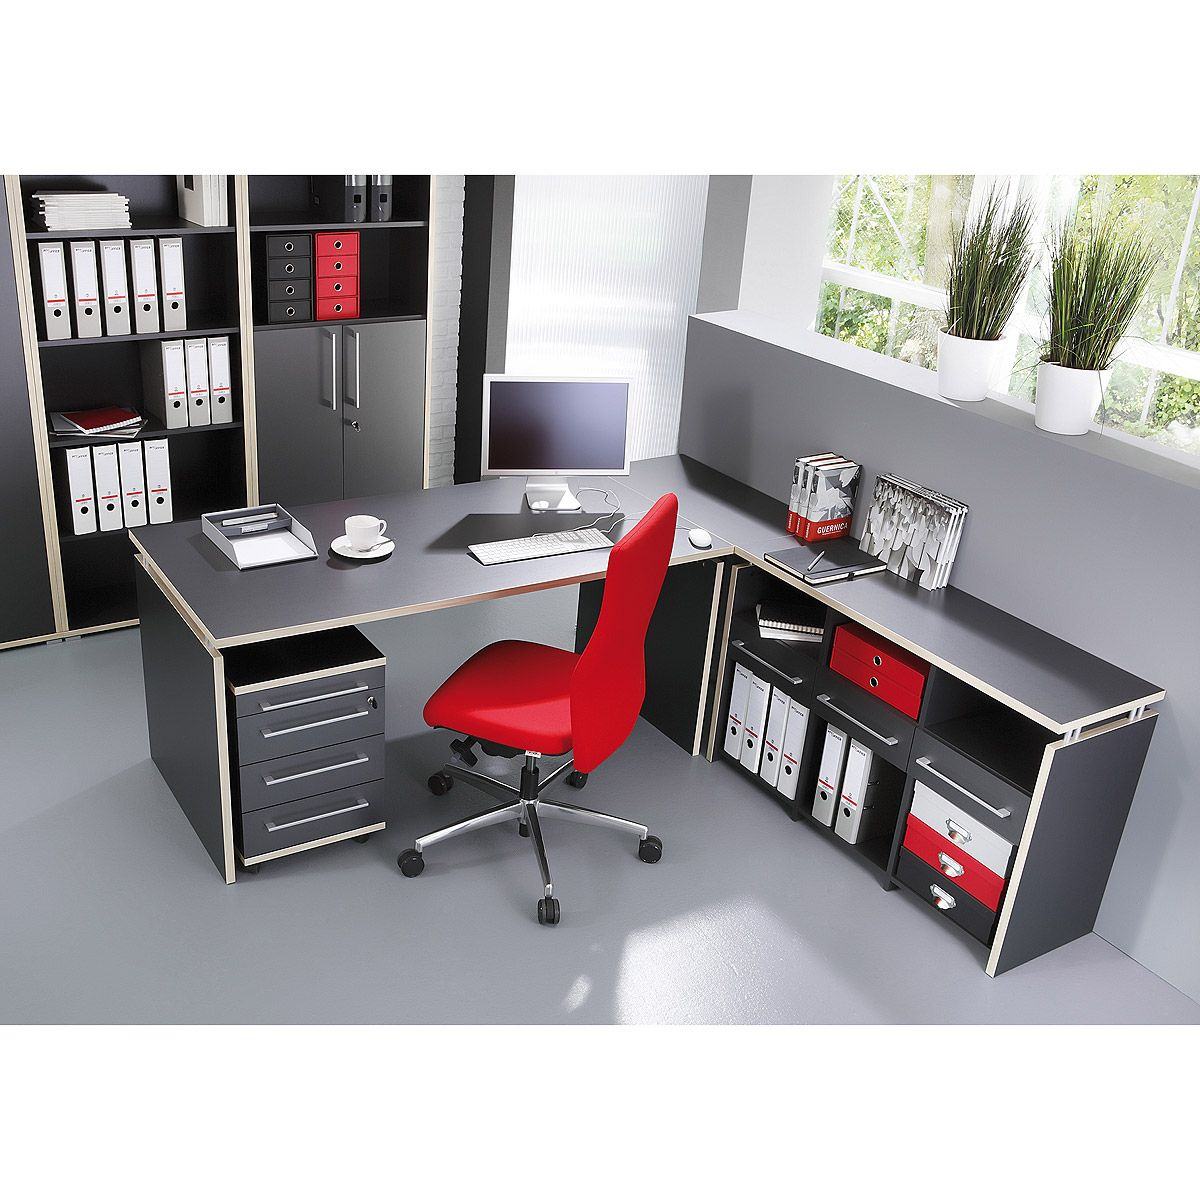 Eck-Schreibtisch Duo 2 Bürotisch Computertisch anthrazit Rosales von ...